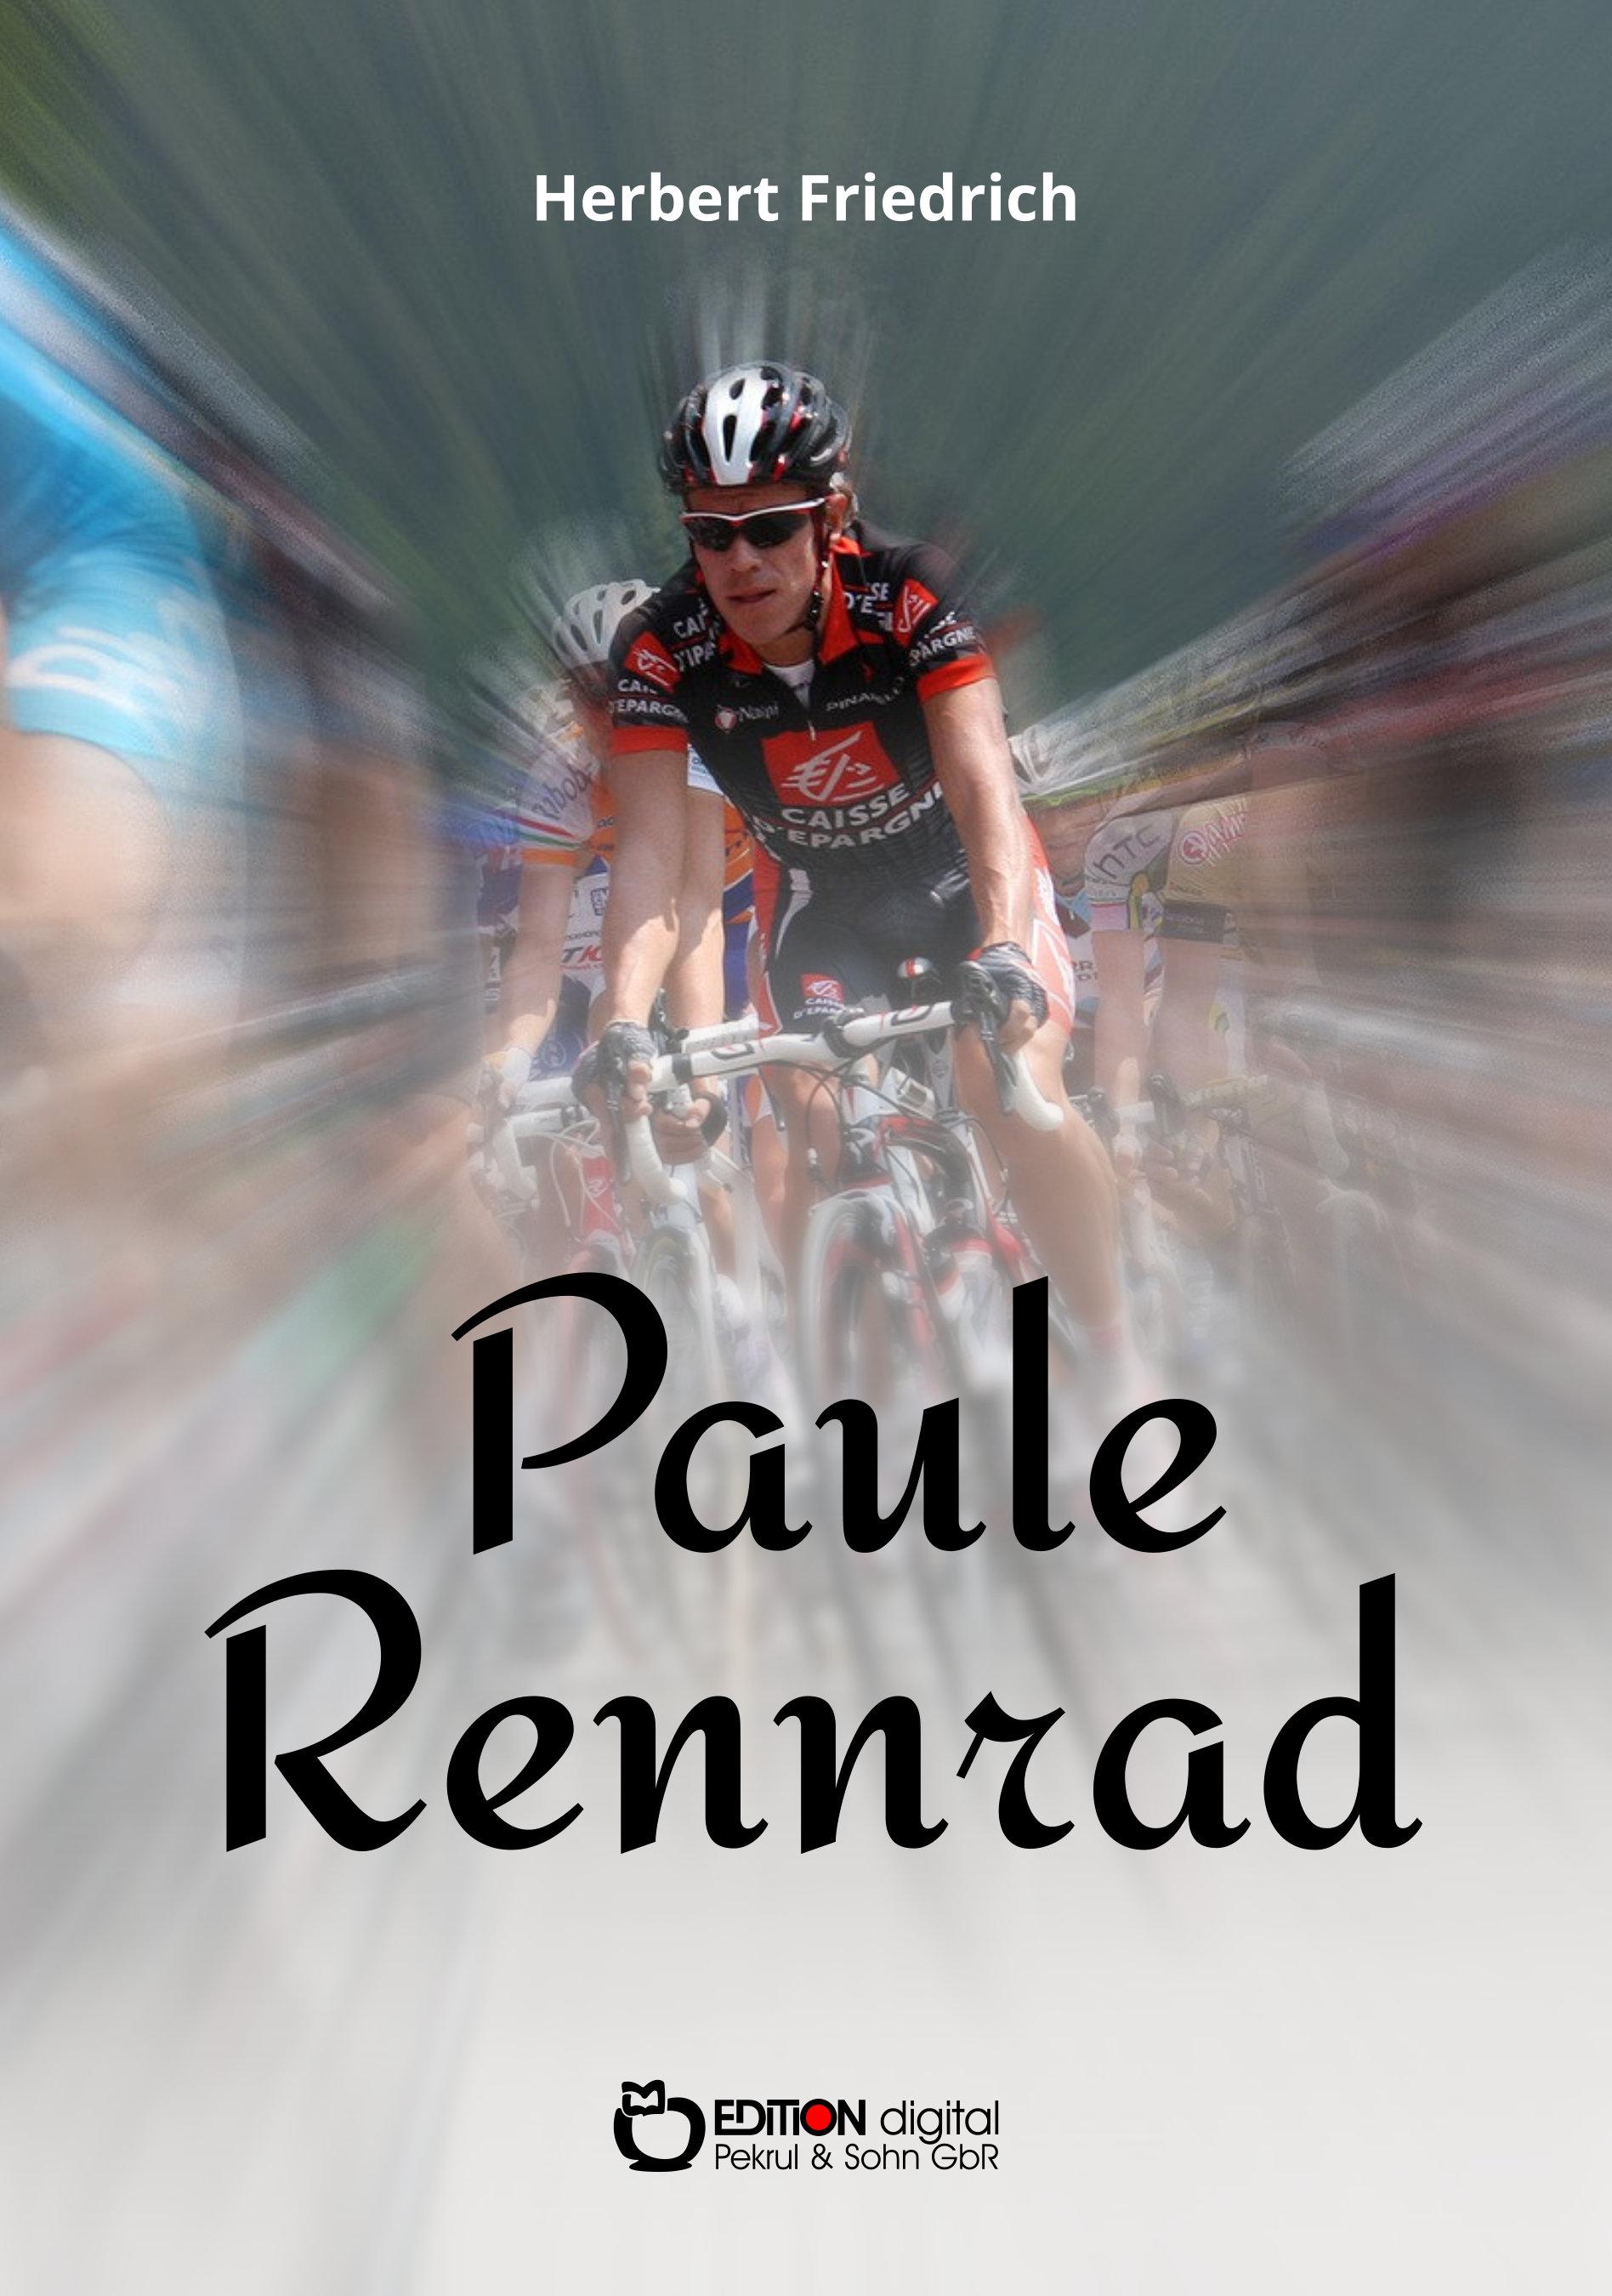 Paule Rennrad von Herbert Friedrich